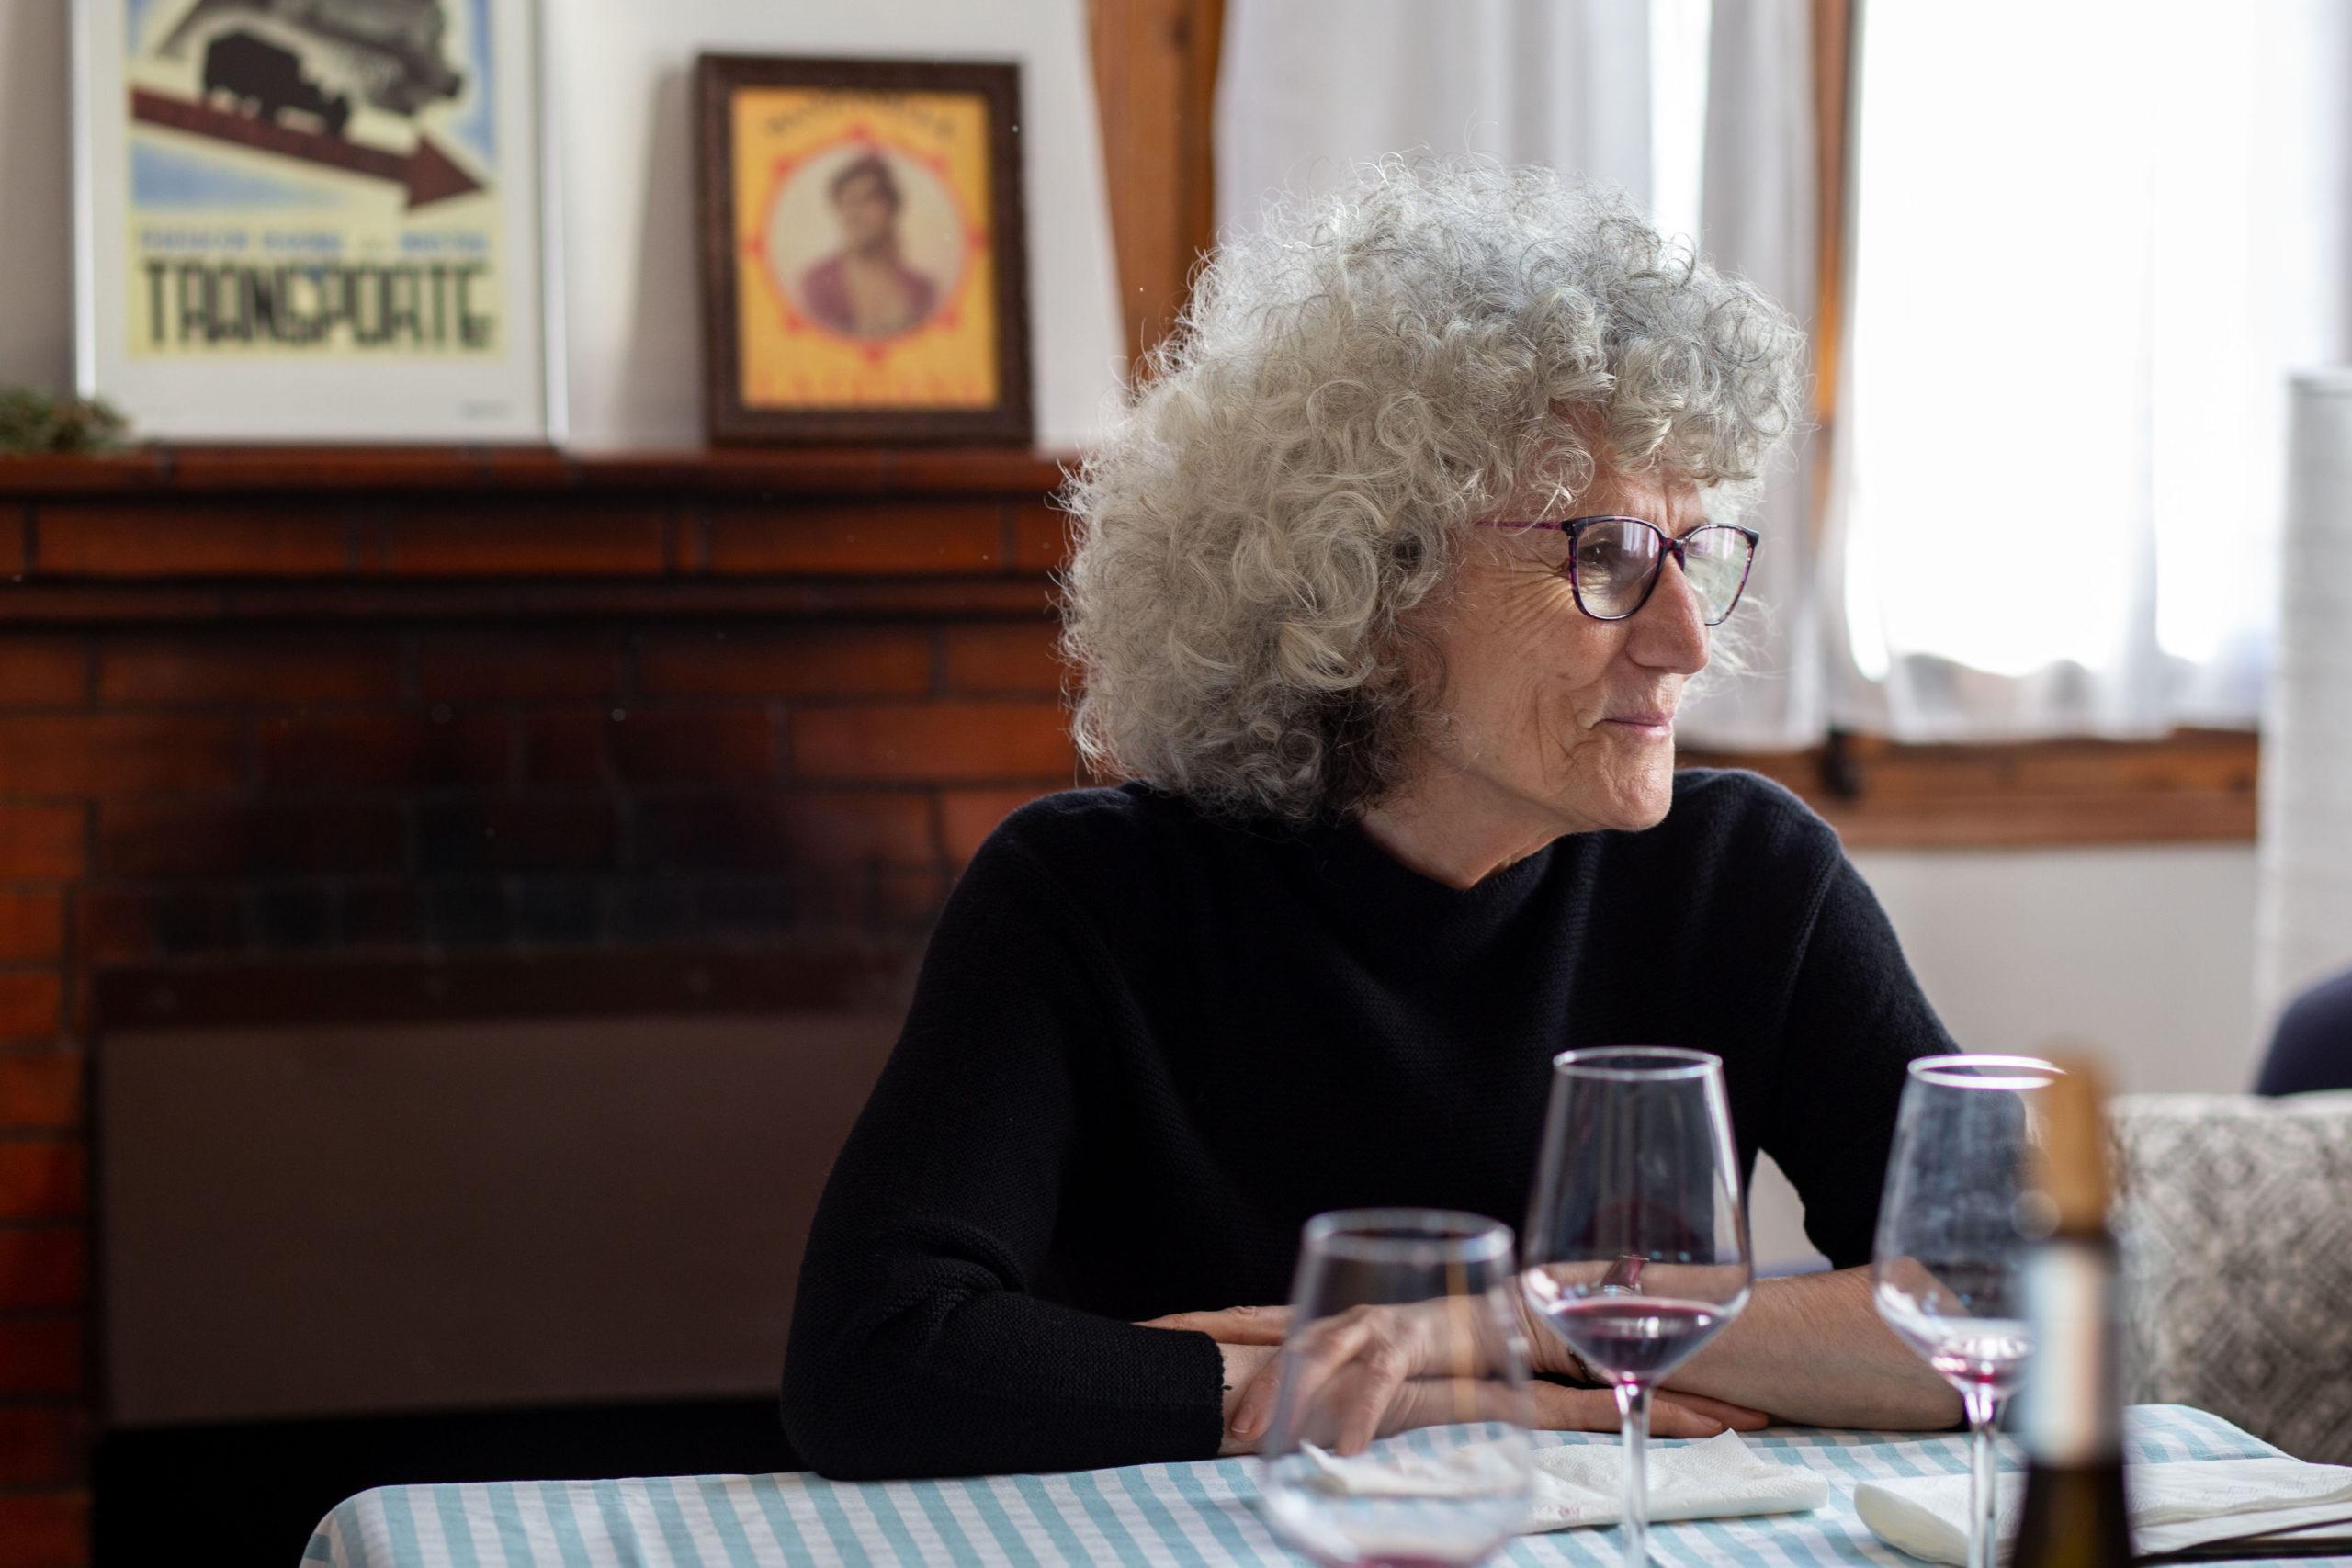 Dona asseguda a la taula en un dinar al menjador de casa